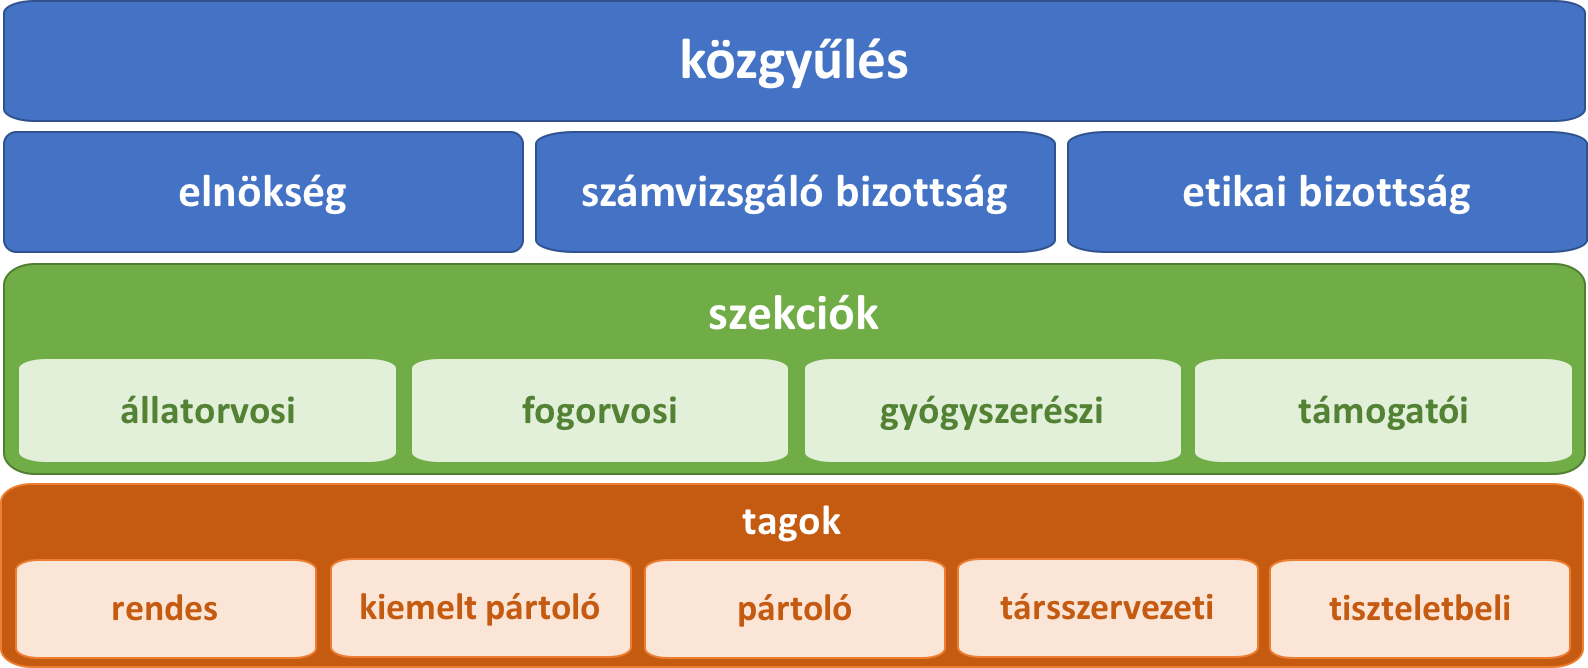 MHOE szervezeti felépítés